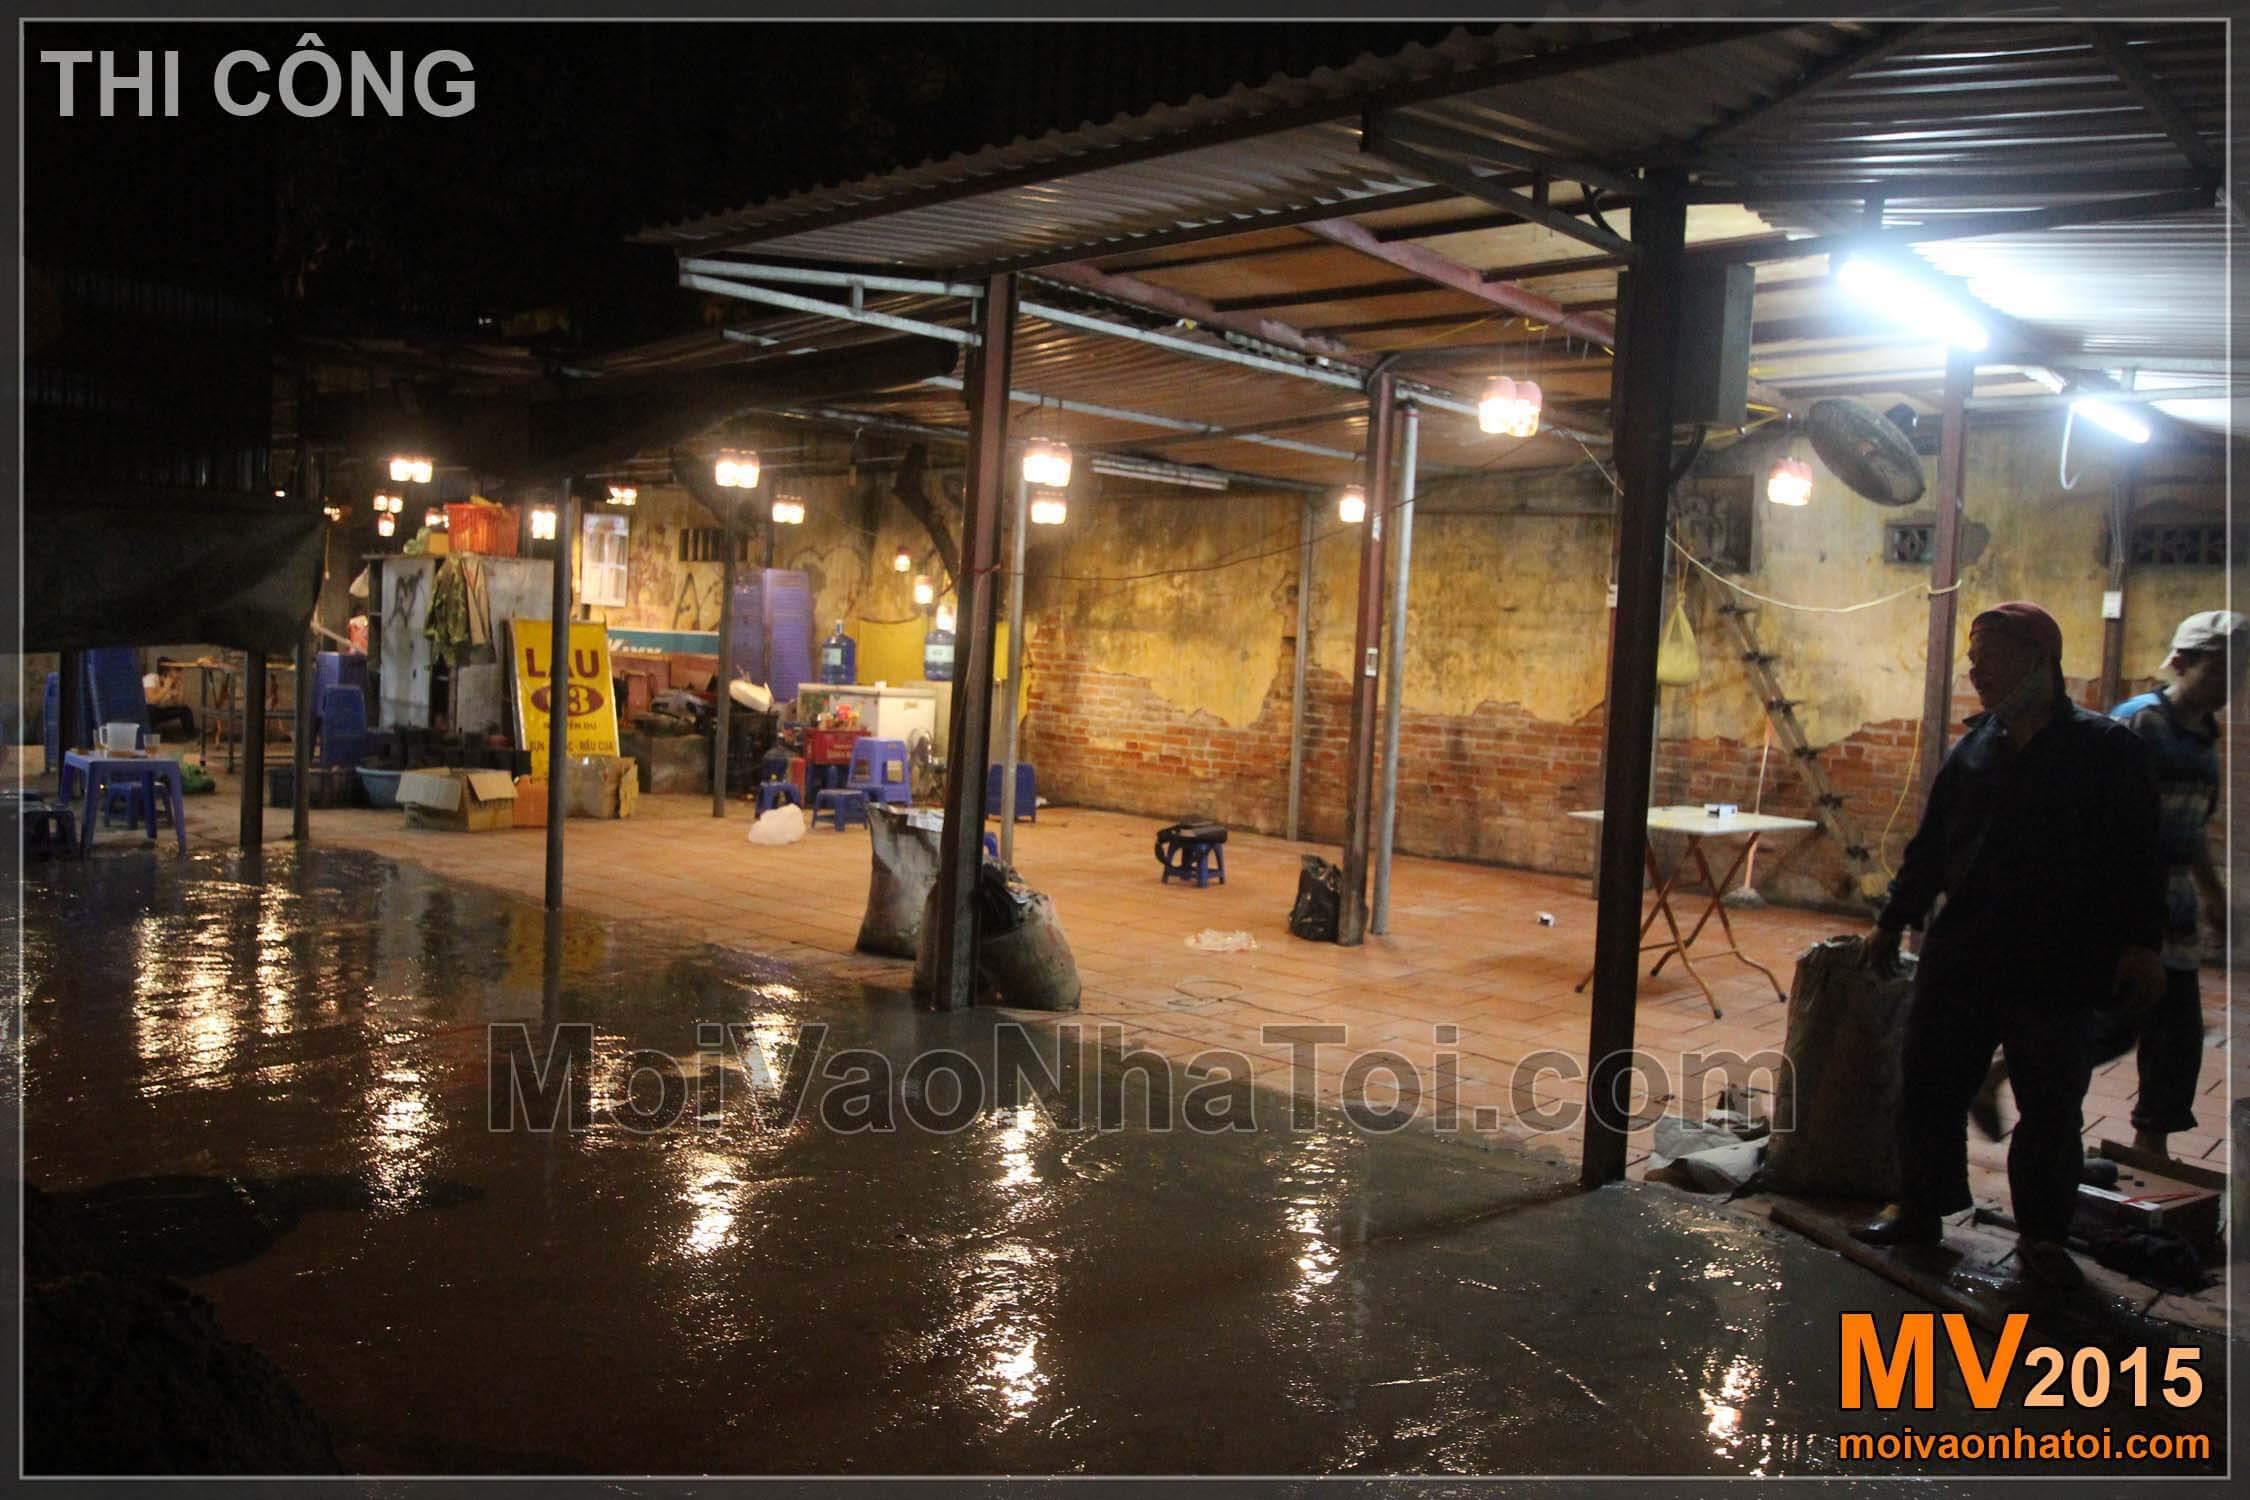 Thi công sàn bê tông bên ngoài quán